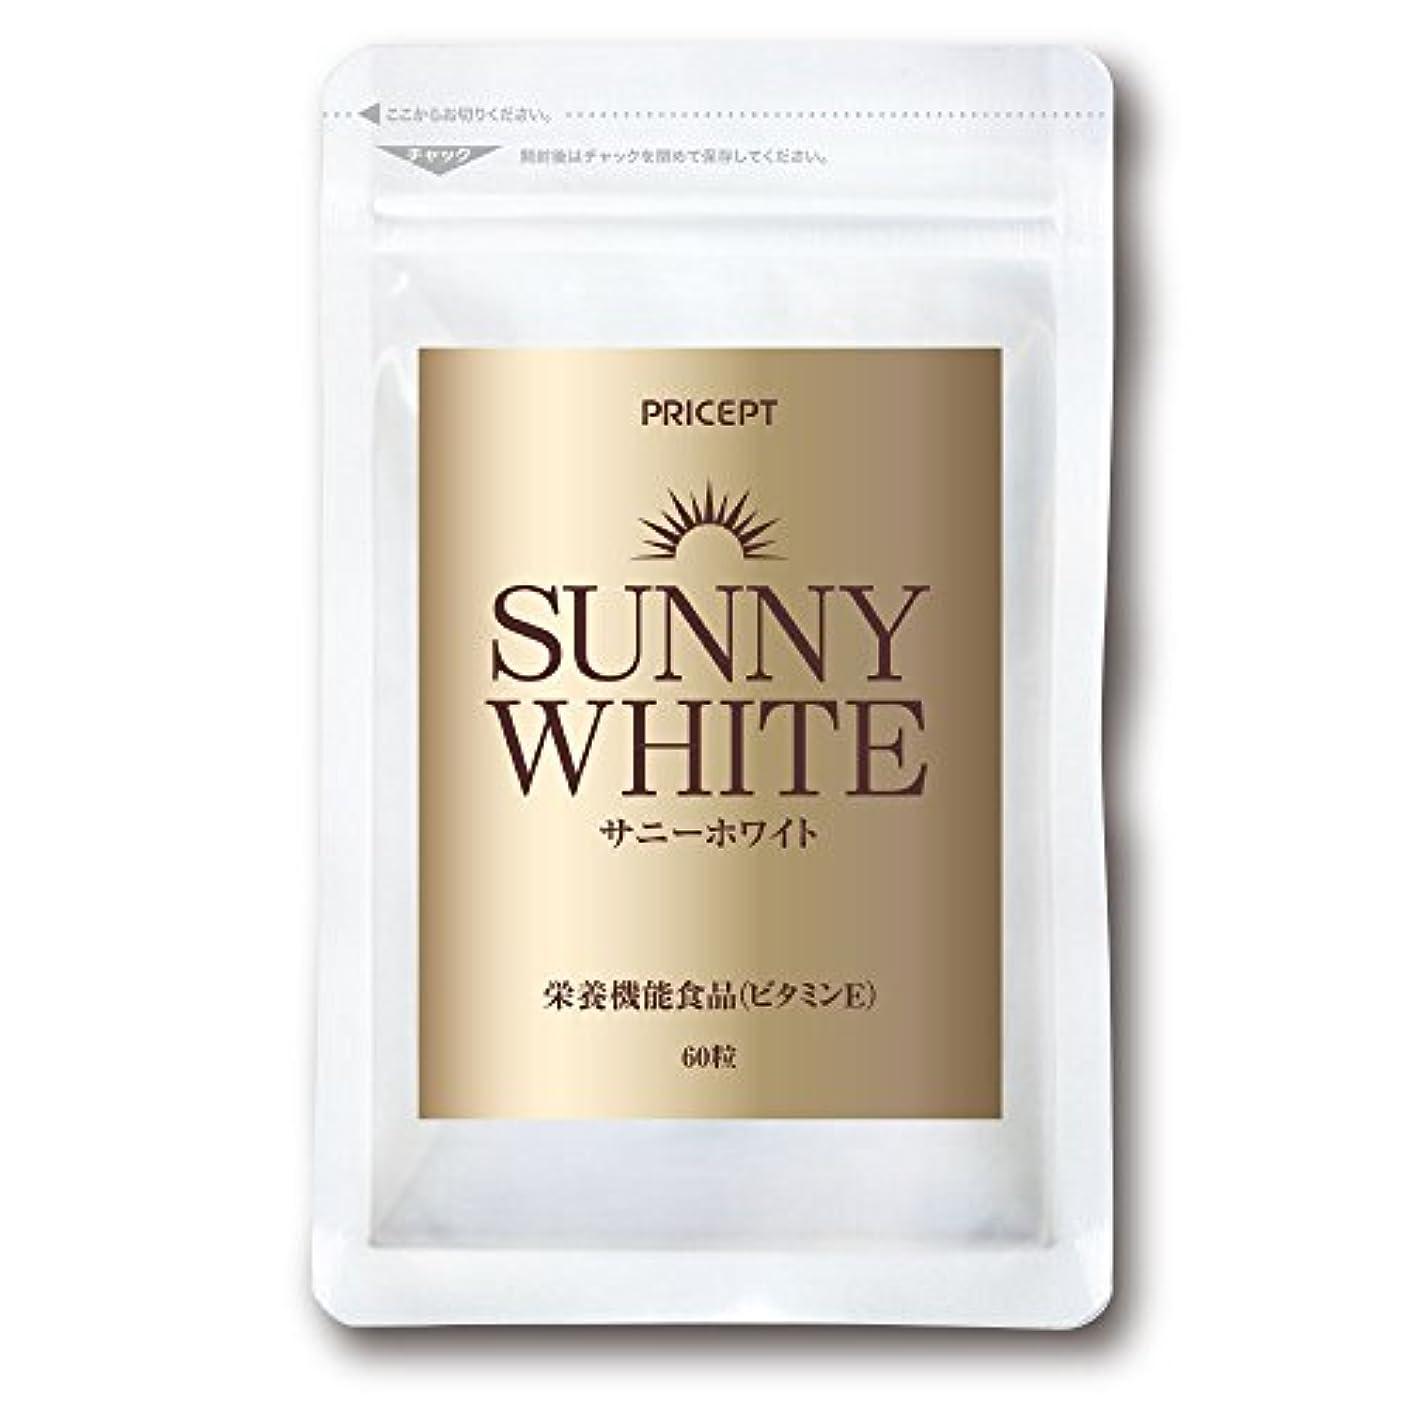 くさびバルク側溝【在庫過多のため訳あり】プリセプト サニーホワイト(60粒)栄養機能食品(ビタミンE) ニュートロックスサン 日傘サプリ 日焼け UV 日差し (単品)【賞味期限:2020年4月3日】